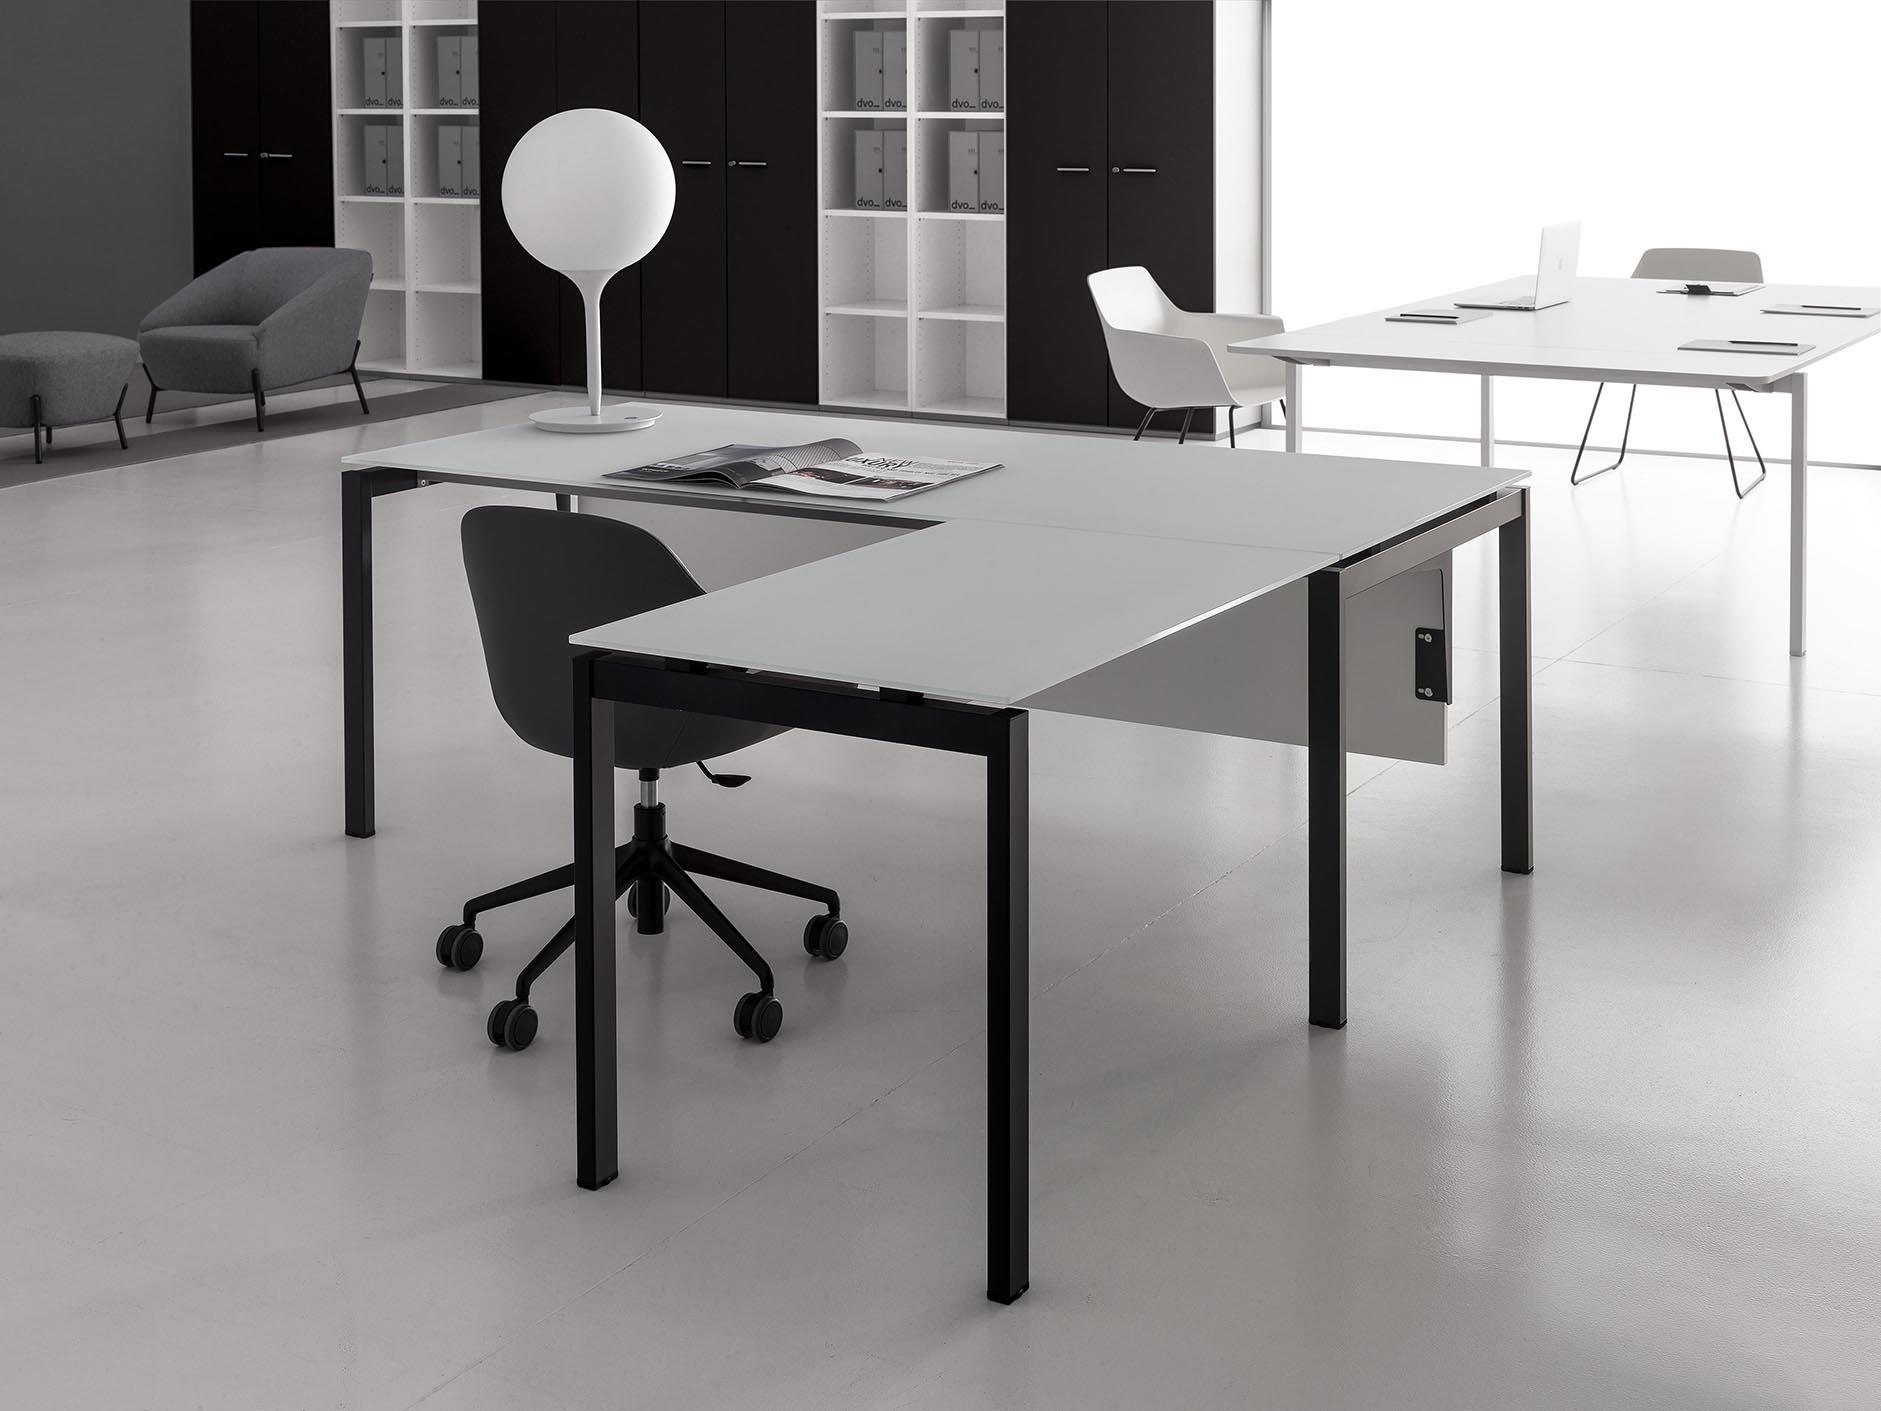 Scrivania angolare ufficio 180x80 GAP design moderno - Studio T